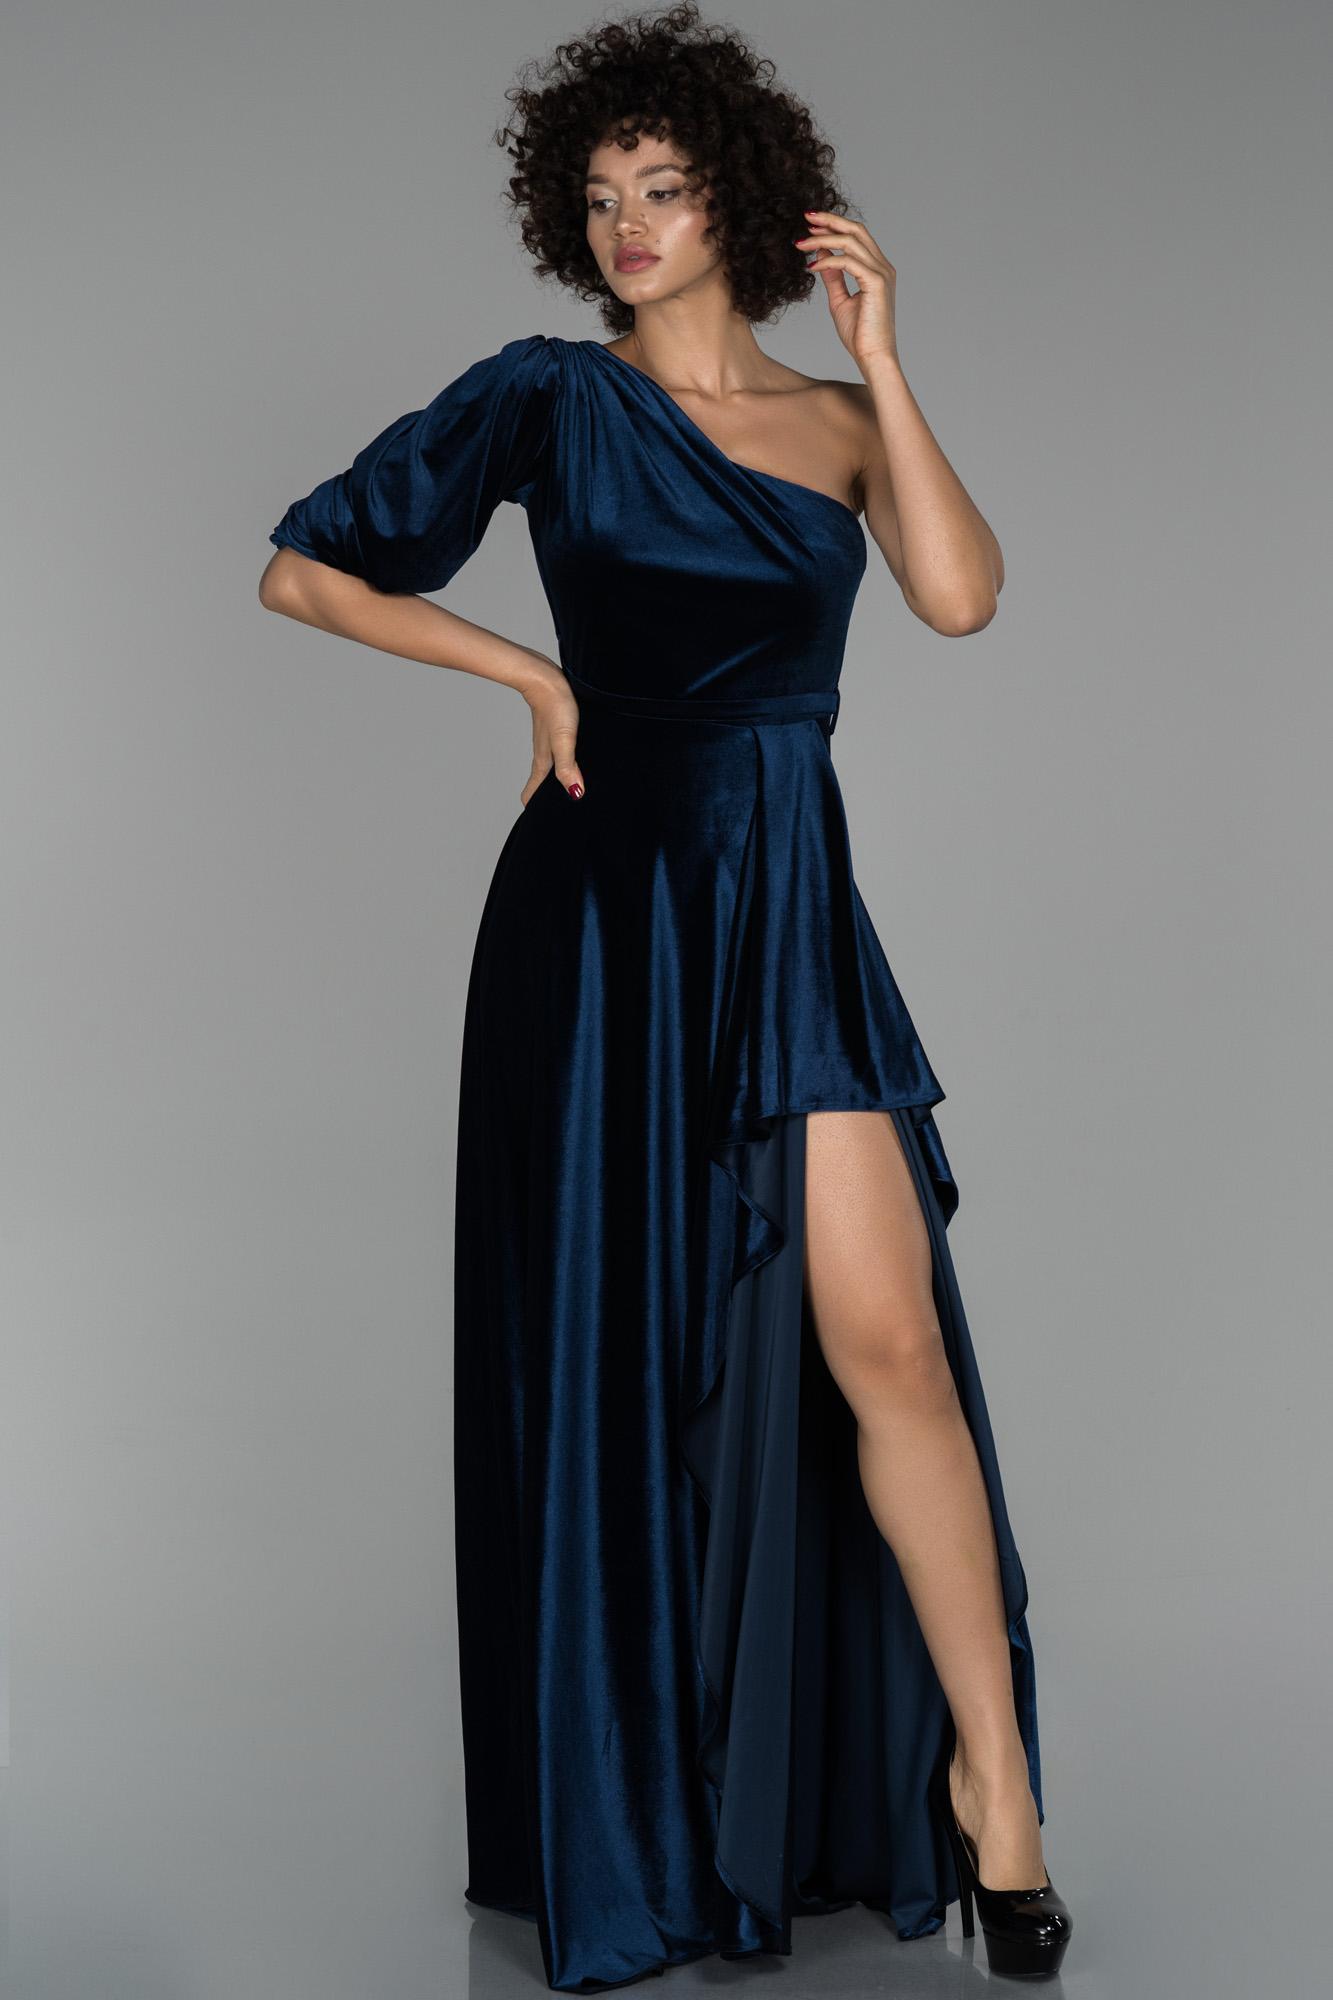 Lacivert Uzun Tek Kol Yırtmaç Detaylı Kadife Abiye Elbise